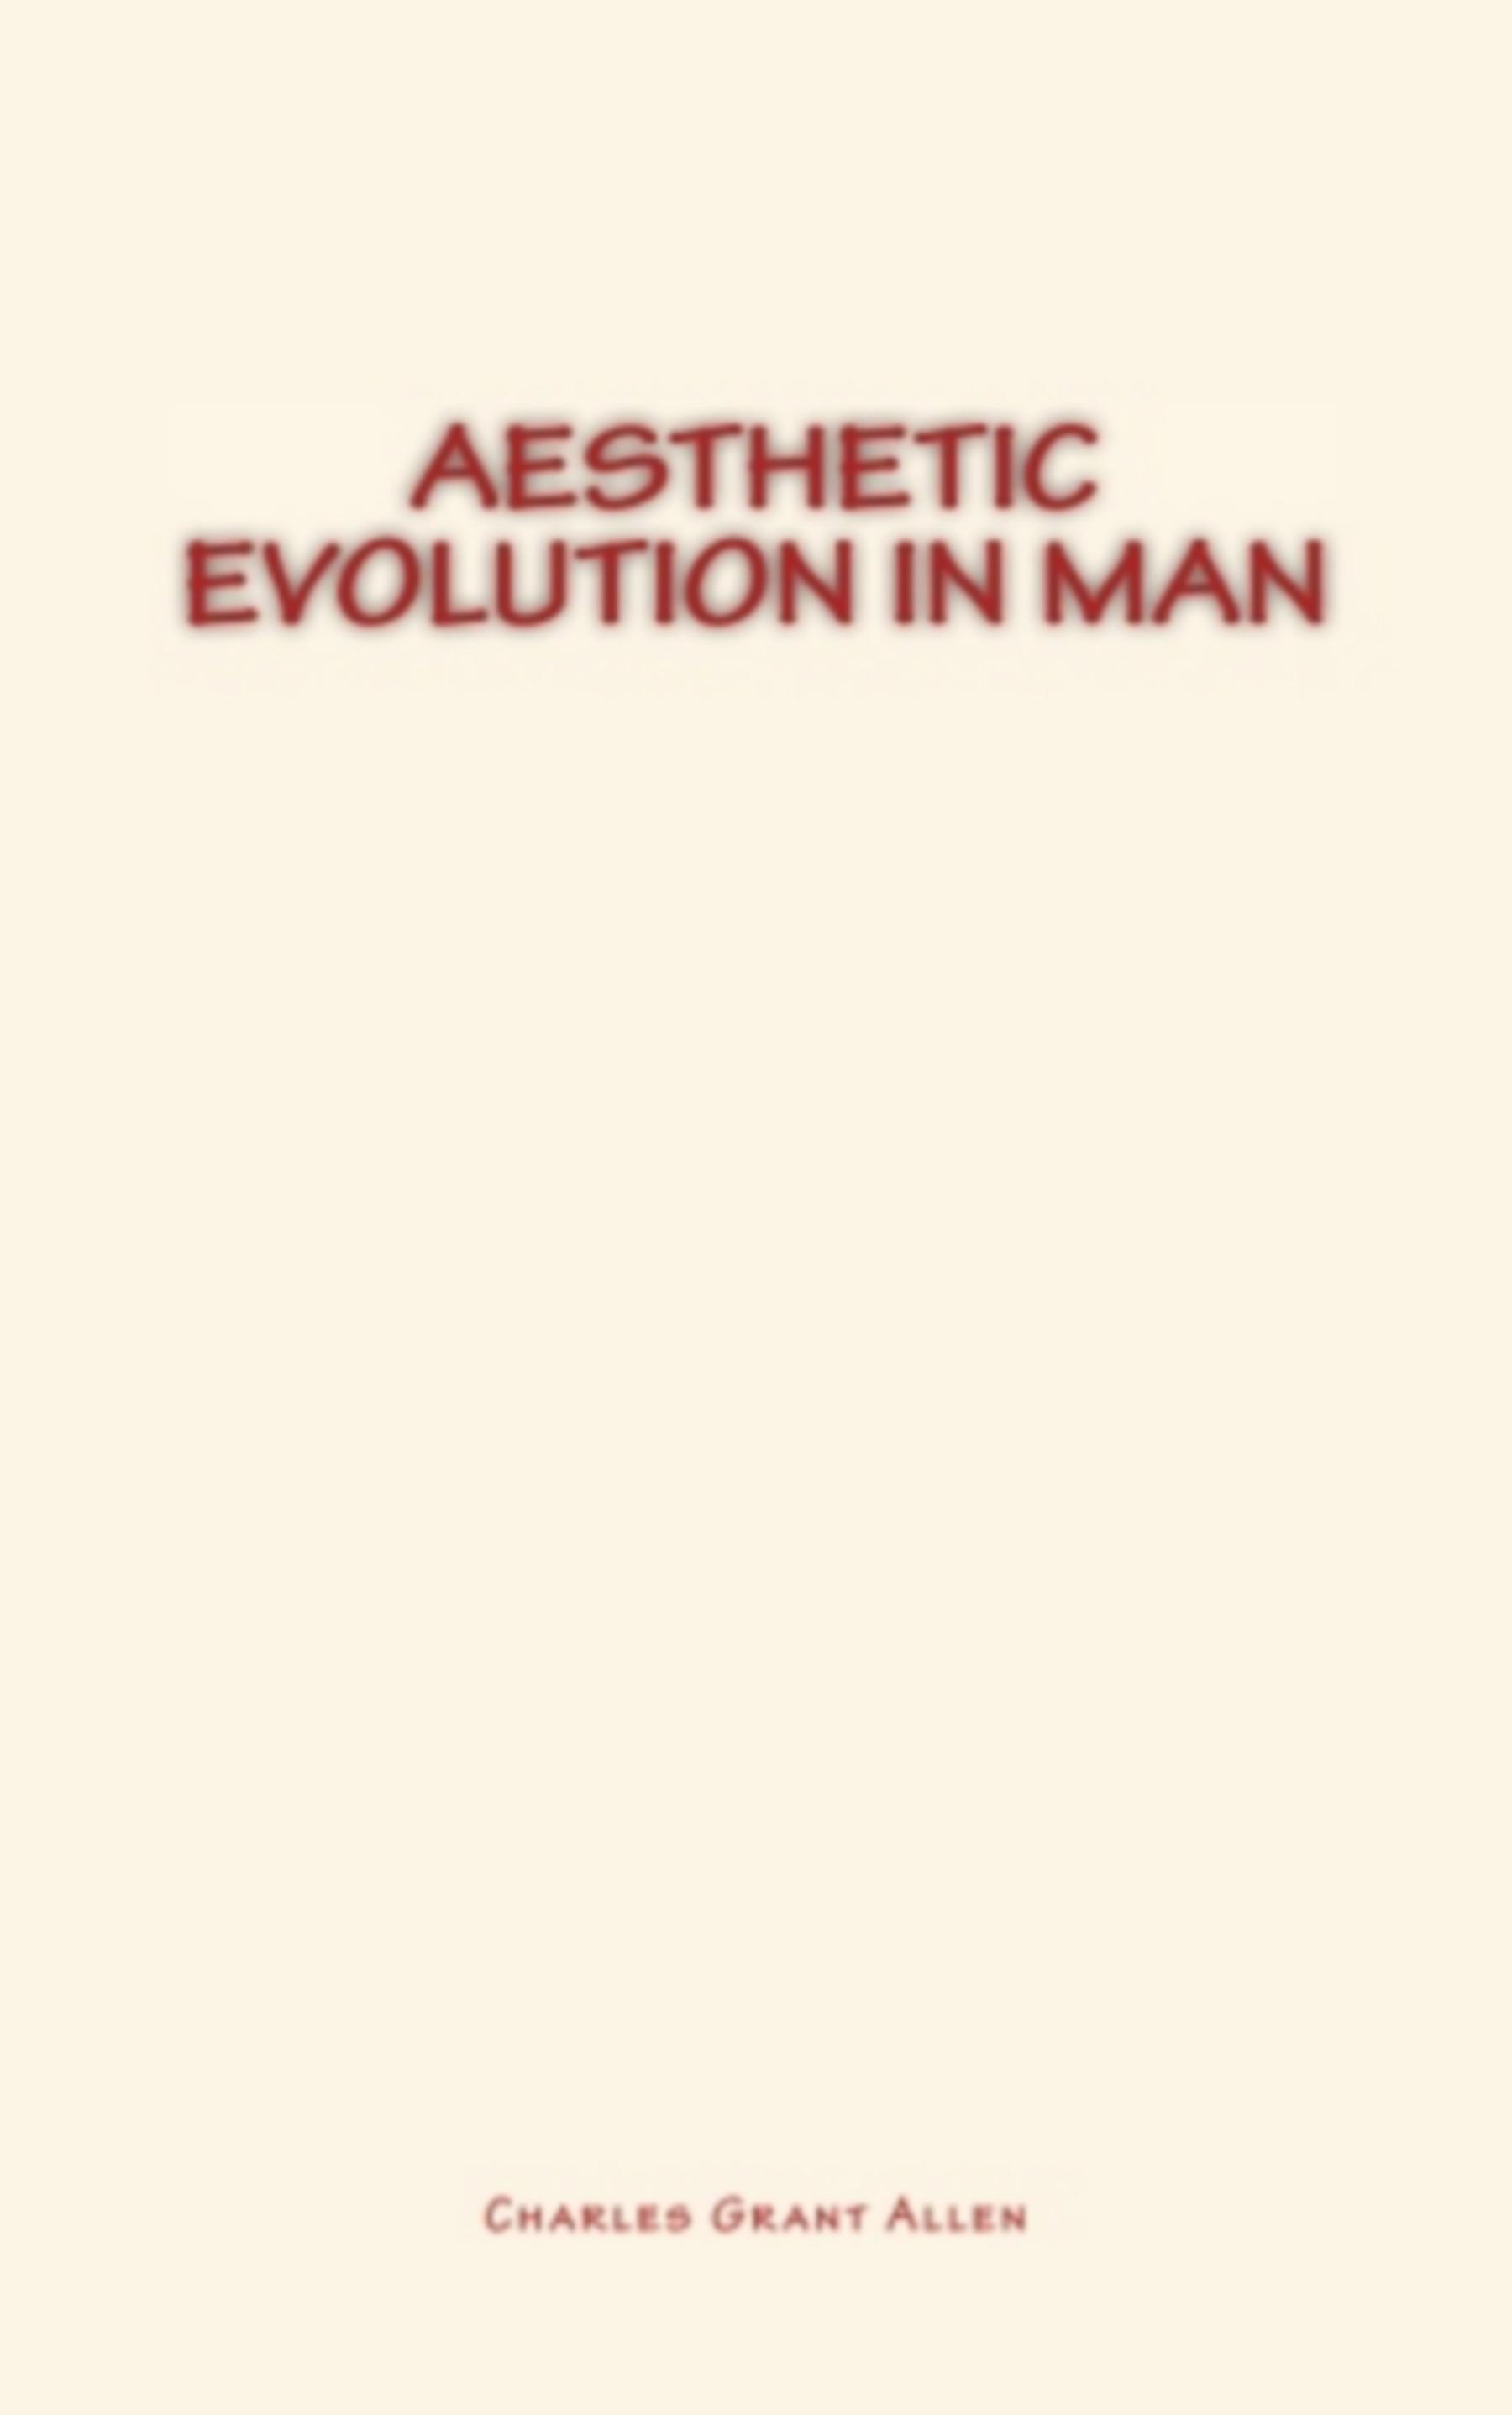 Aesthetic Evolution in Man